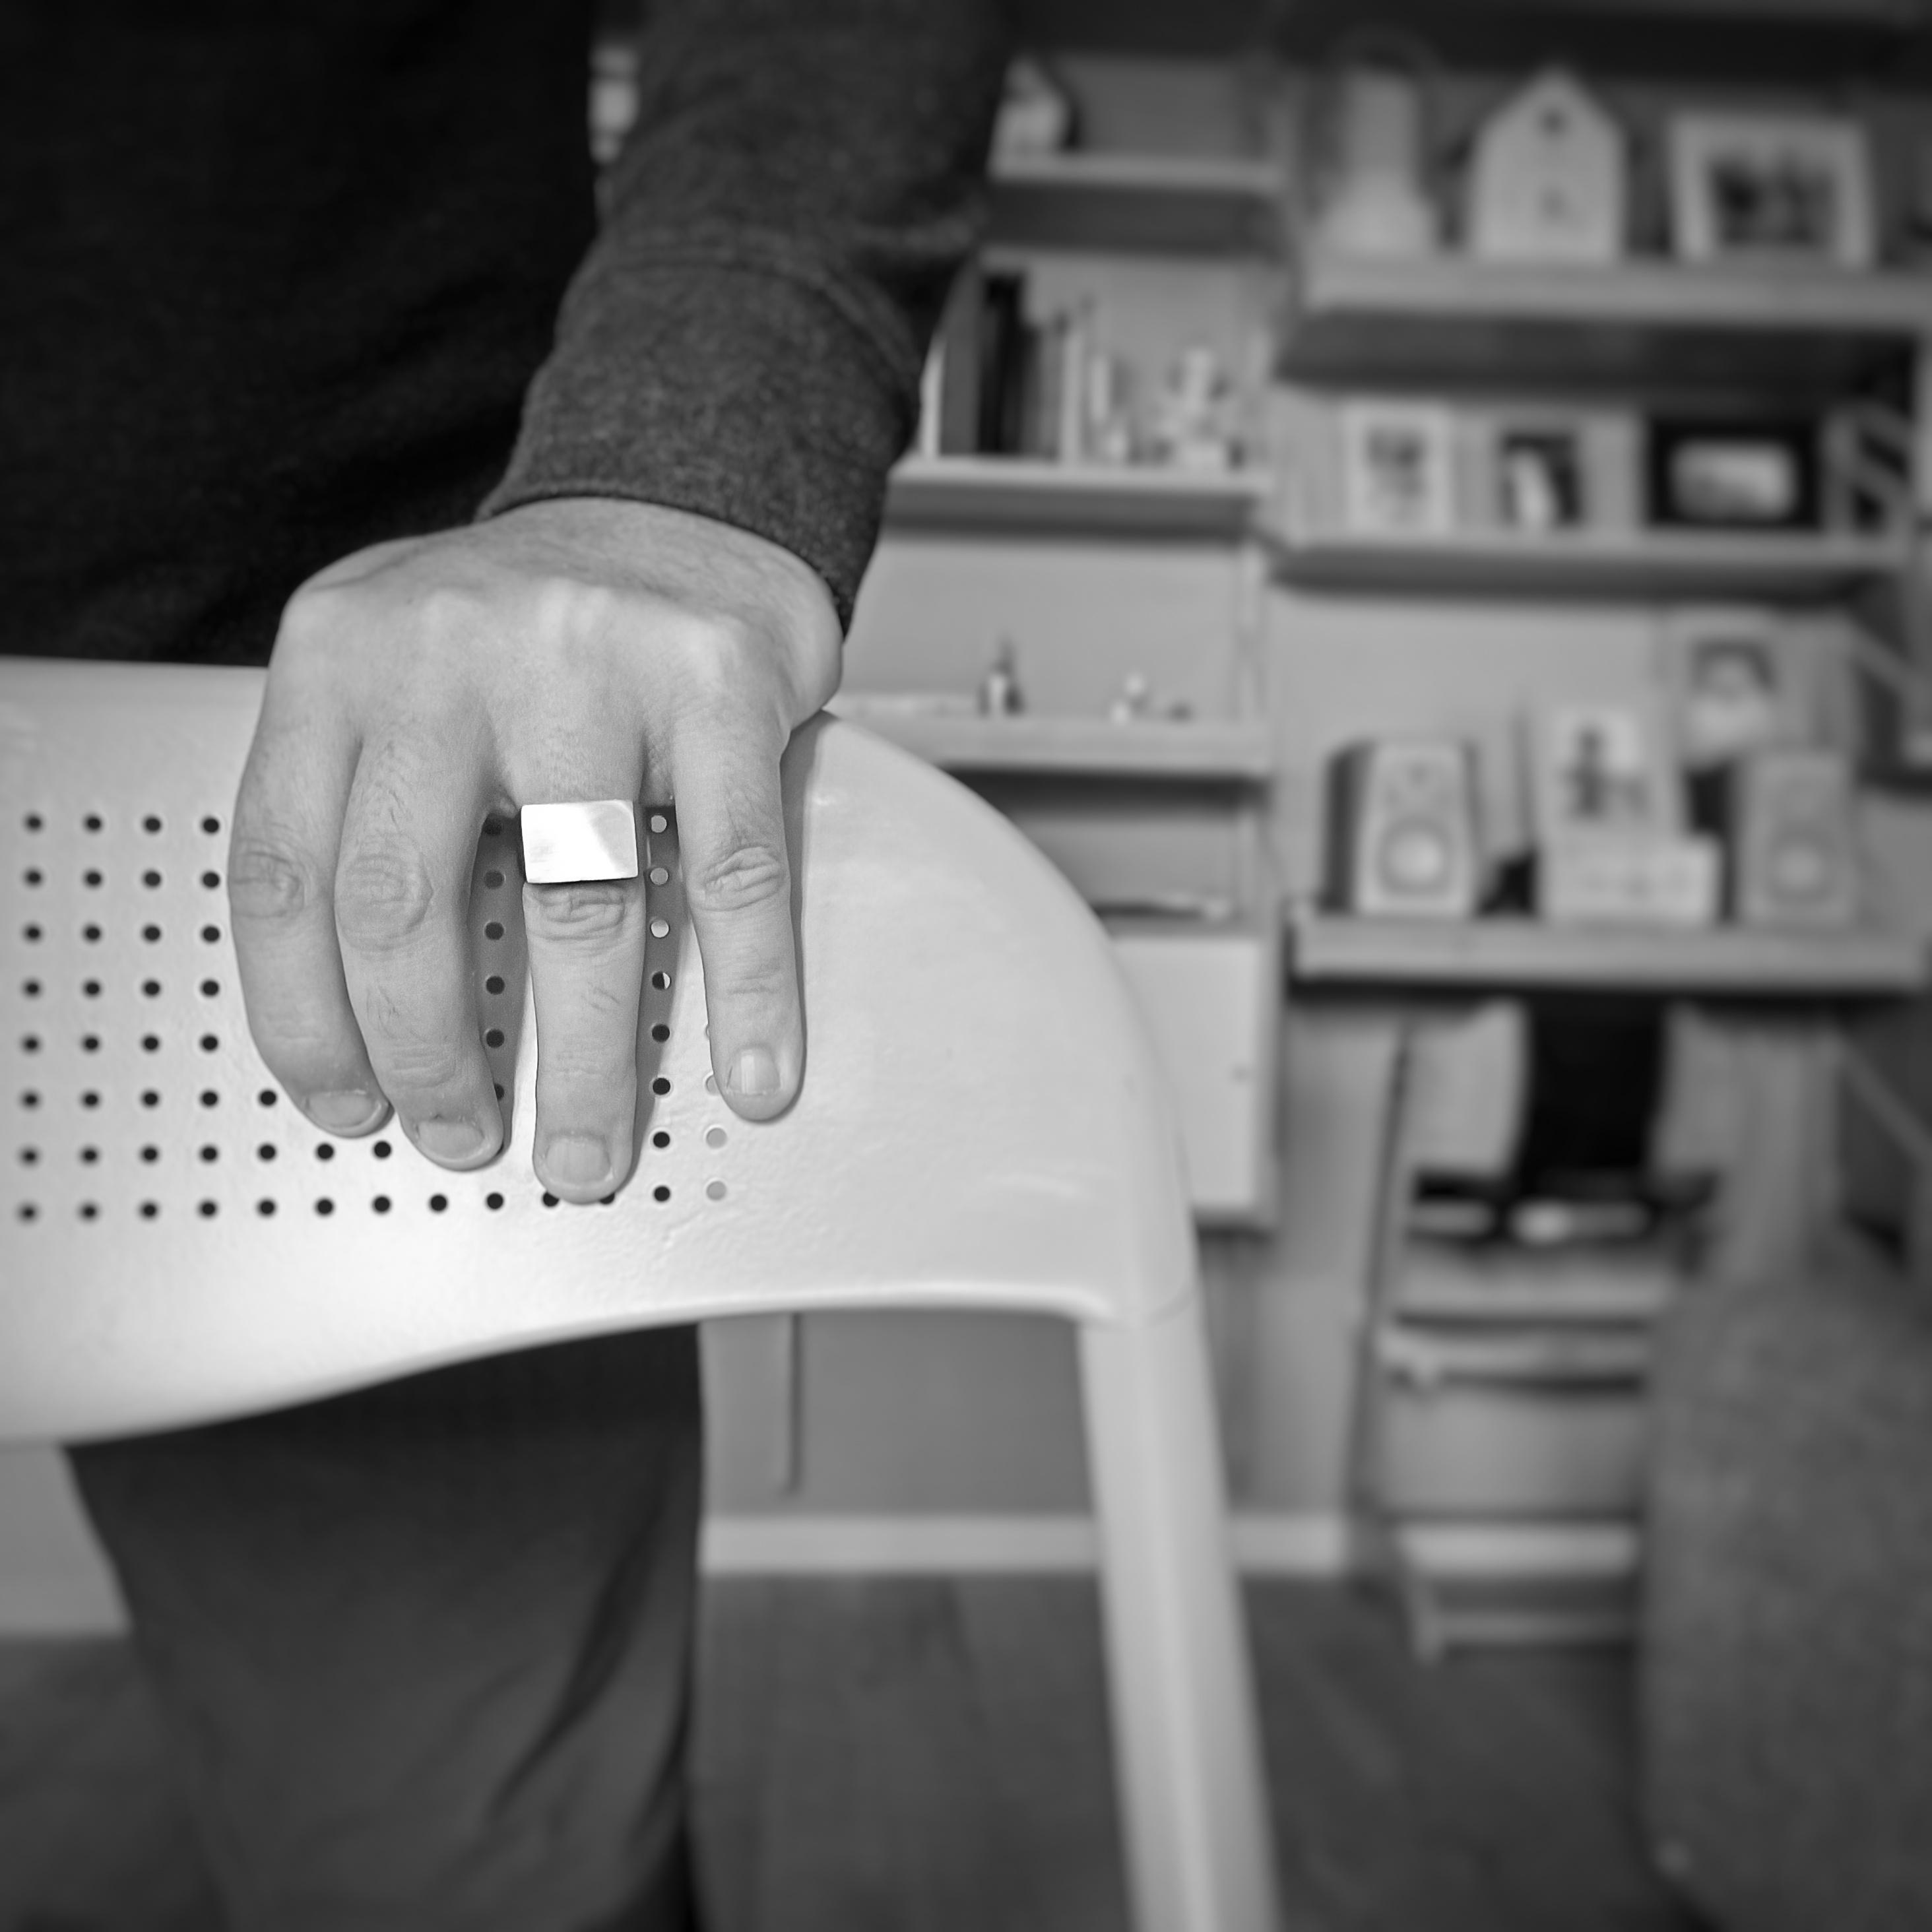 Un mano con anello Bullone appoggiata ad uno schienale di una sedia